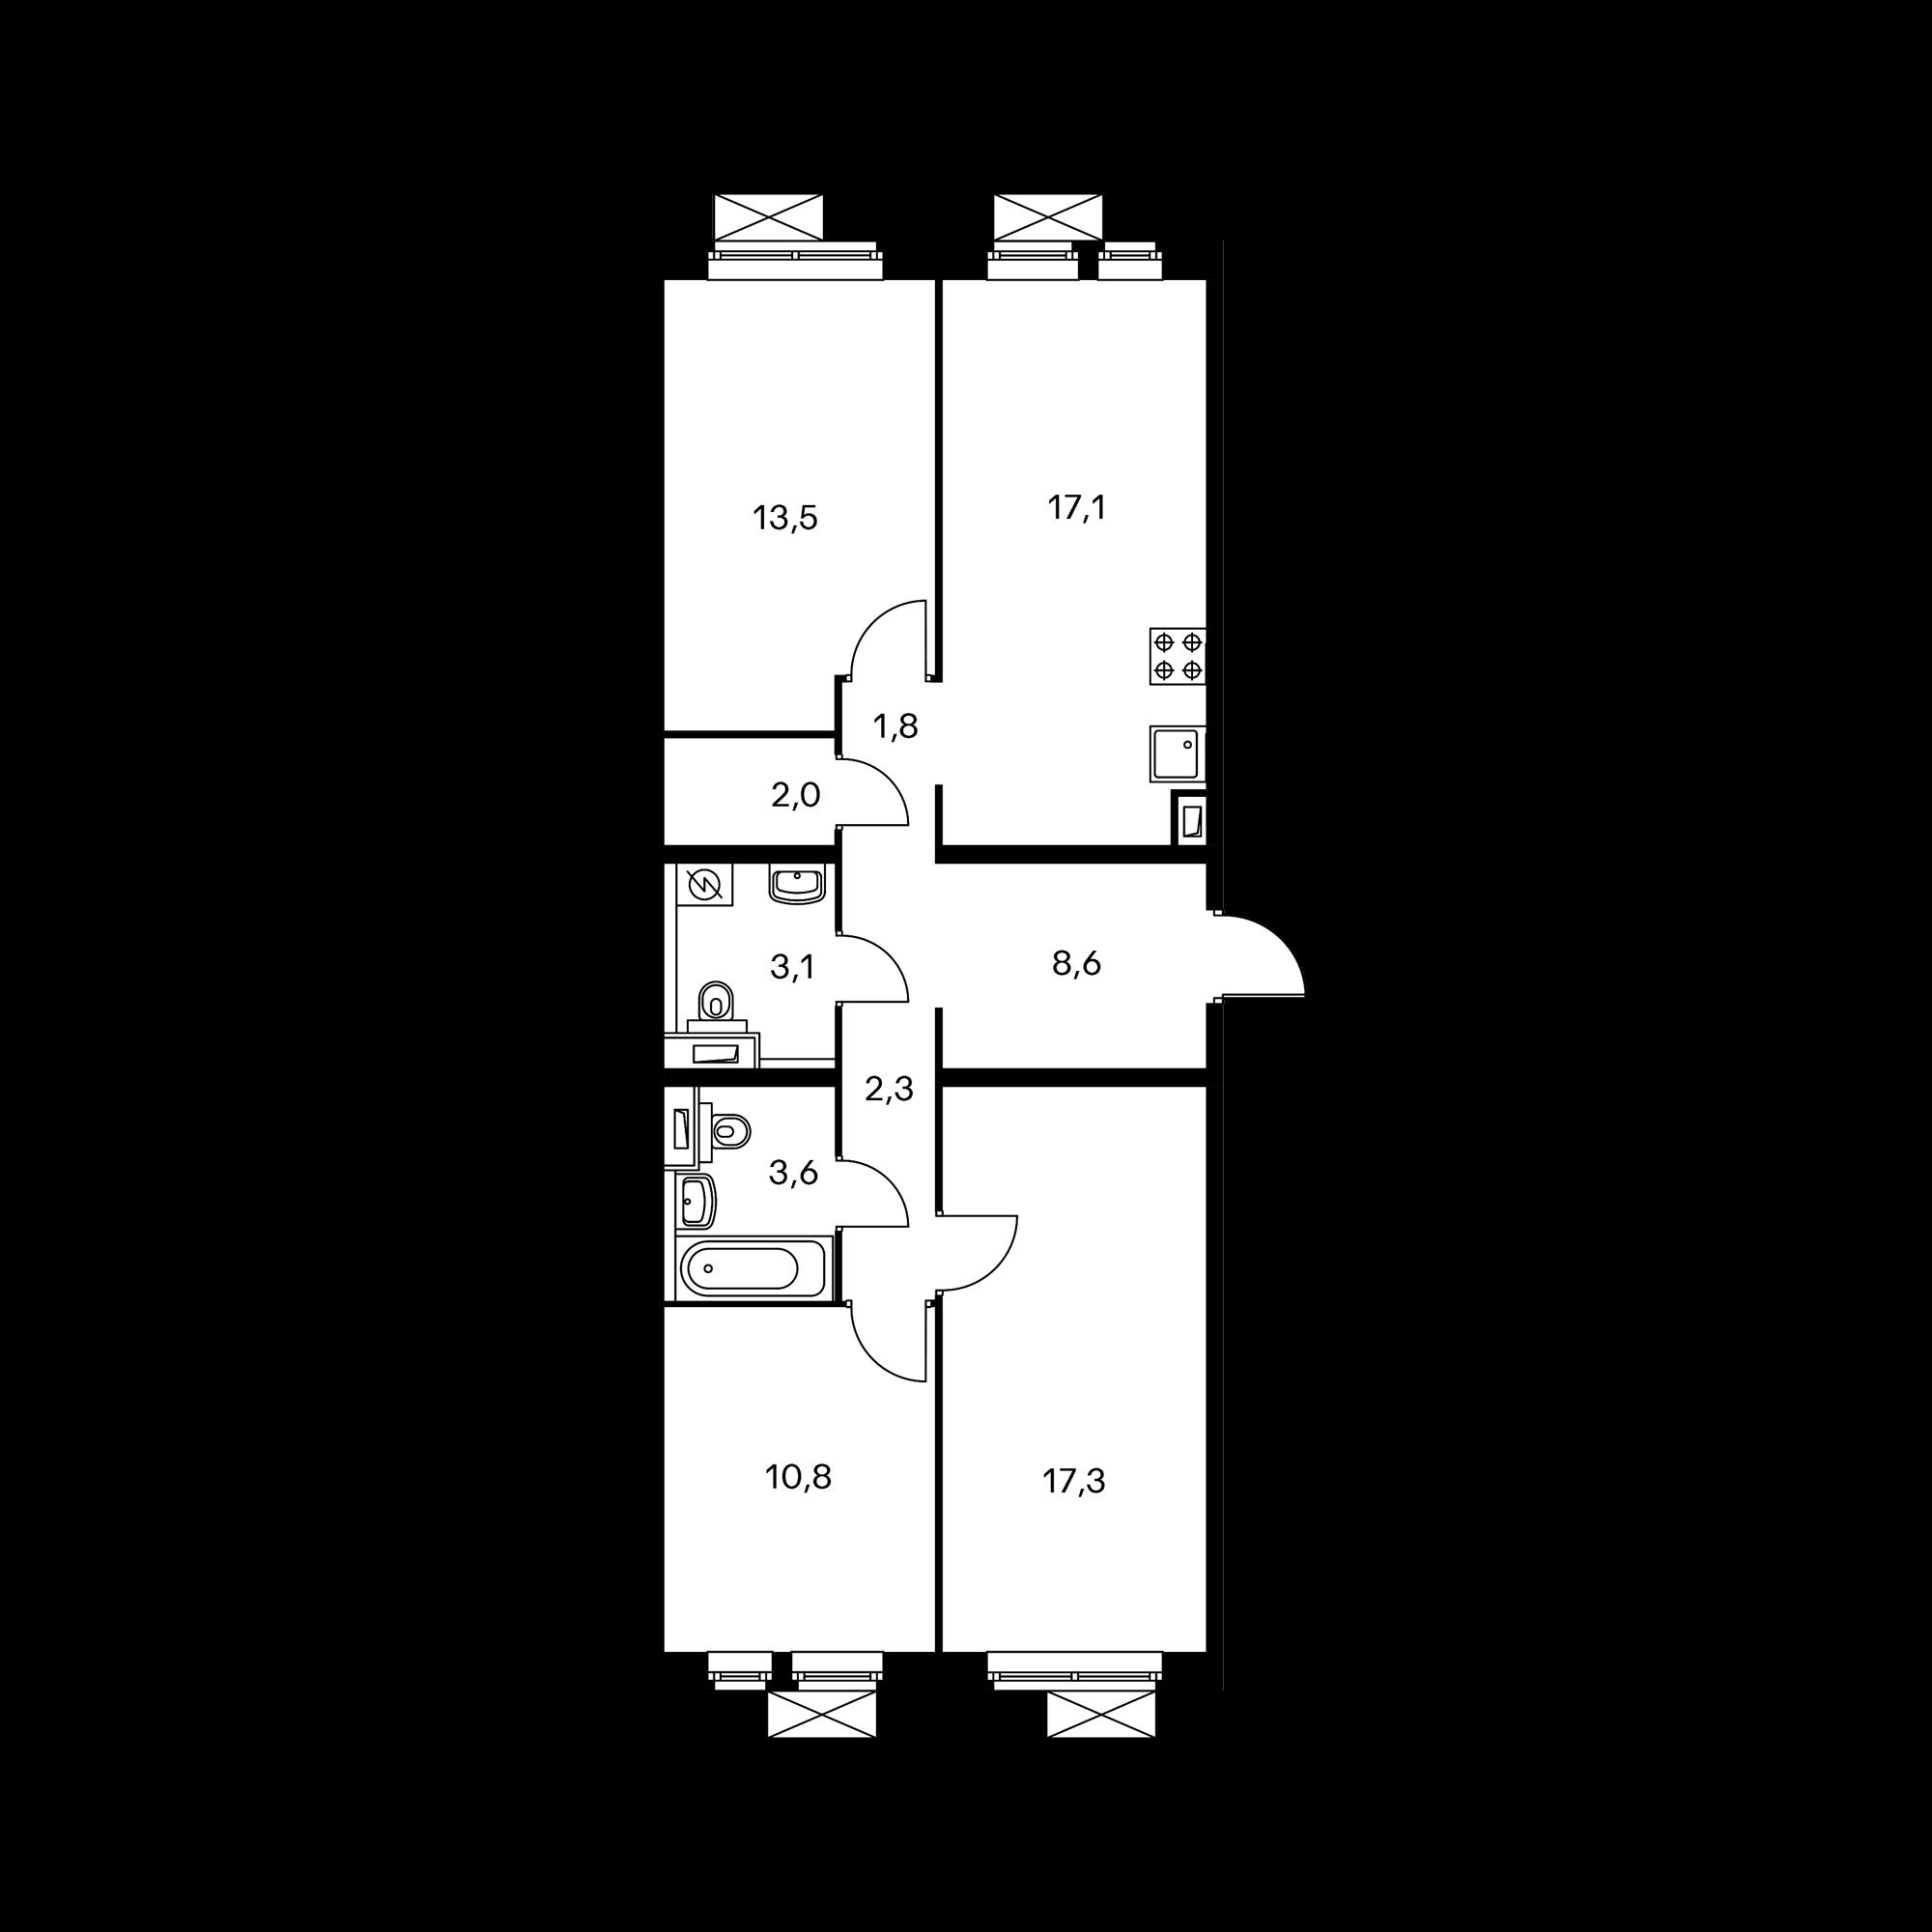 3KM16_6.0-1_S_A